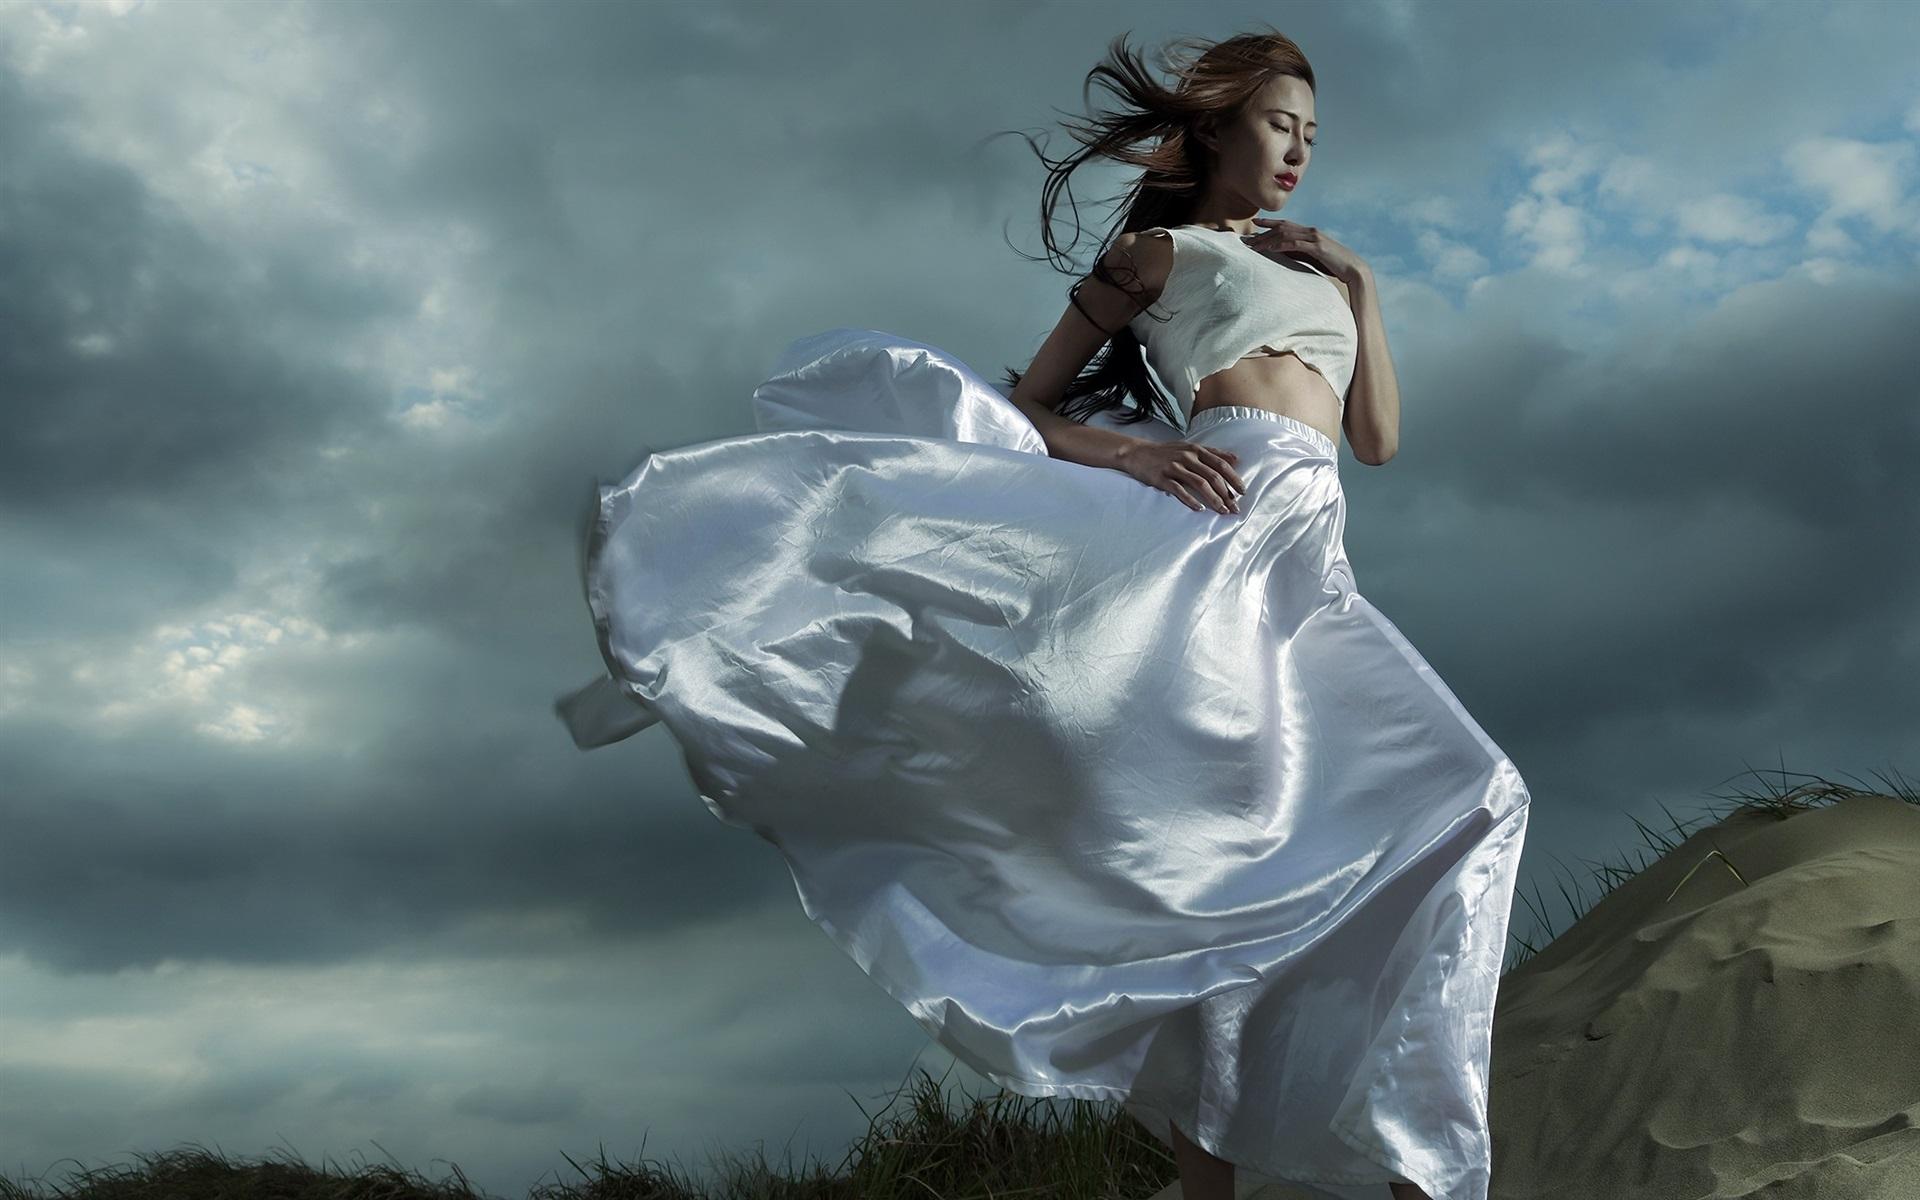 Женщина ветер картинка